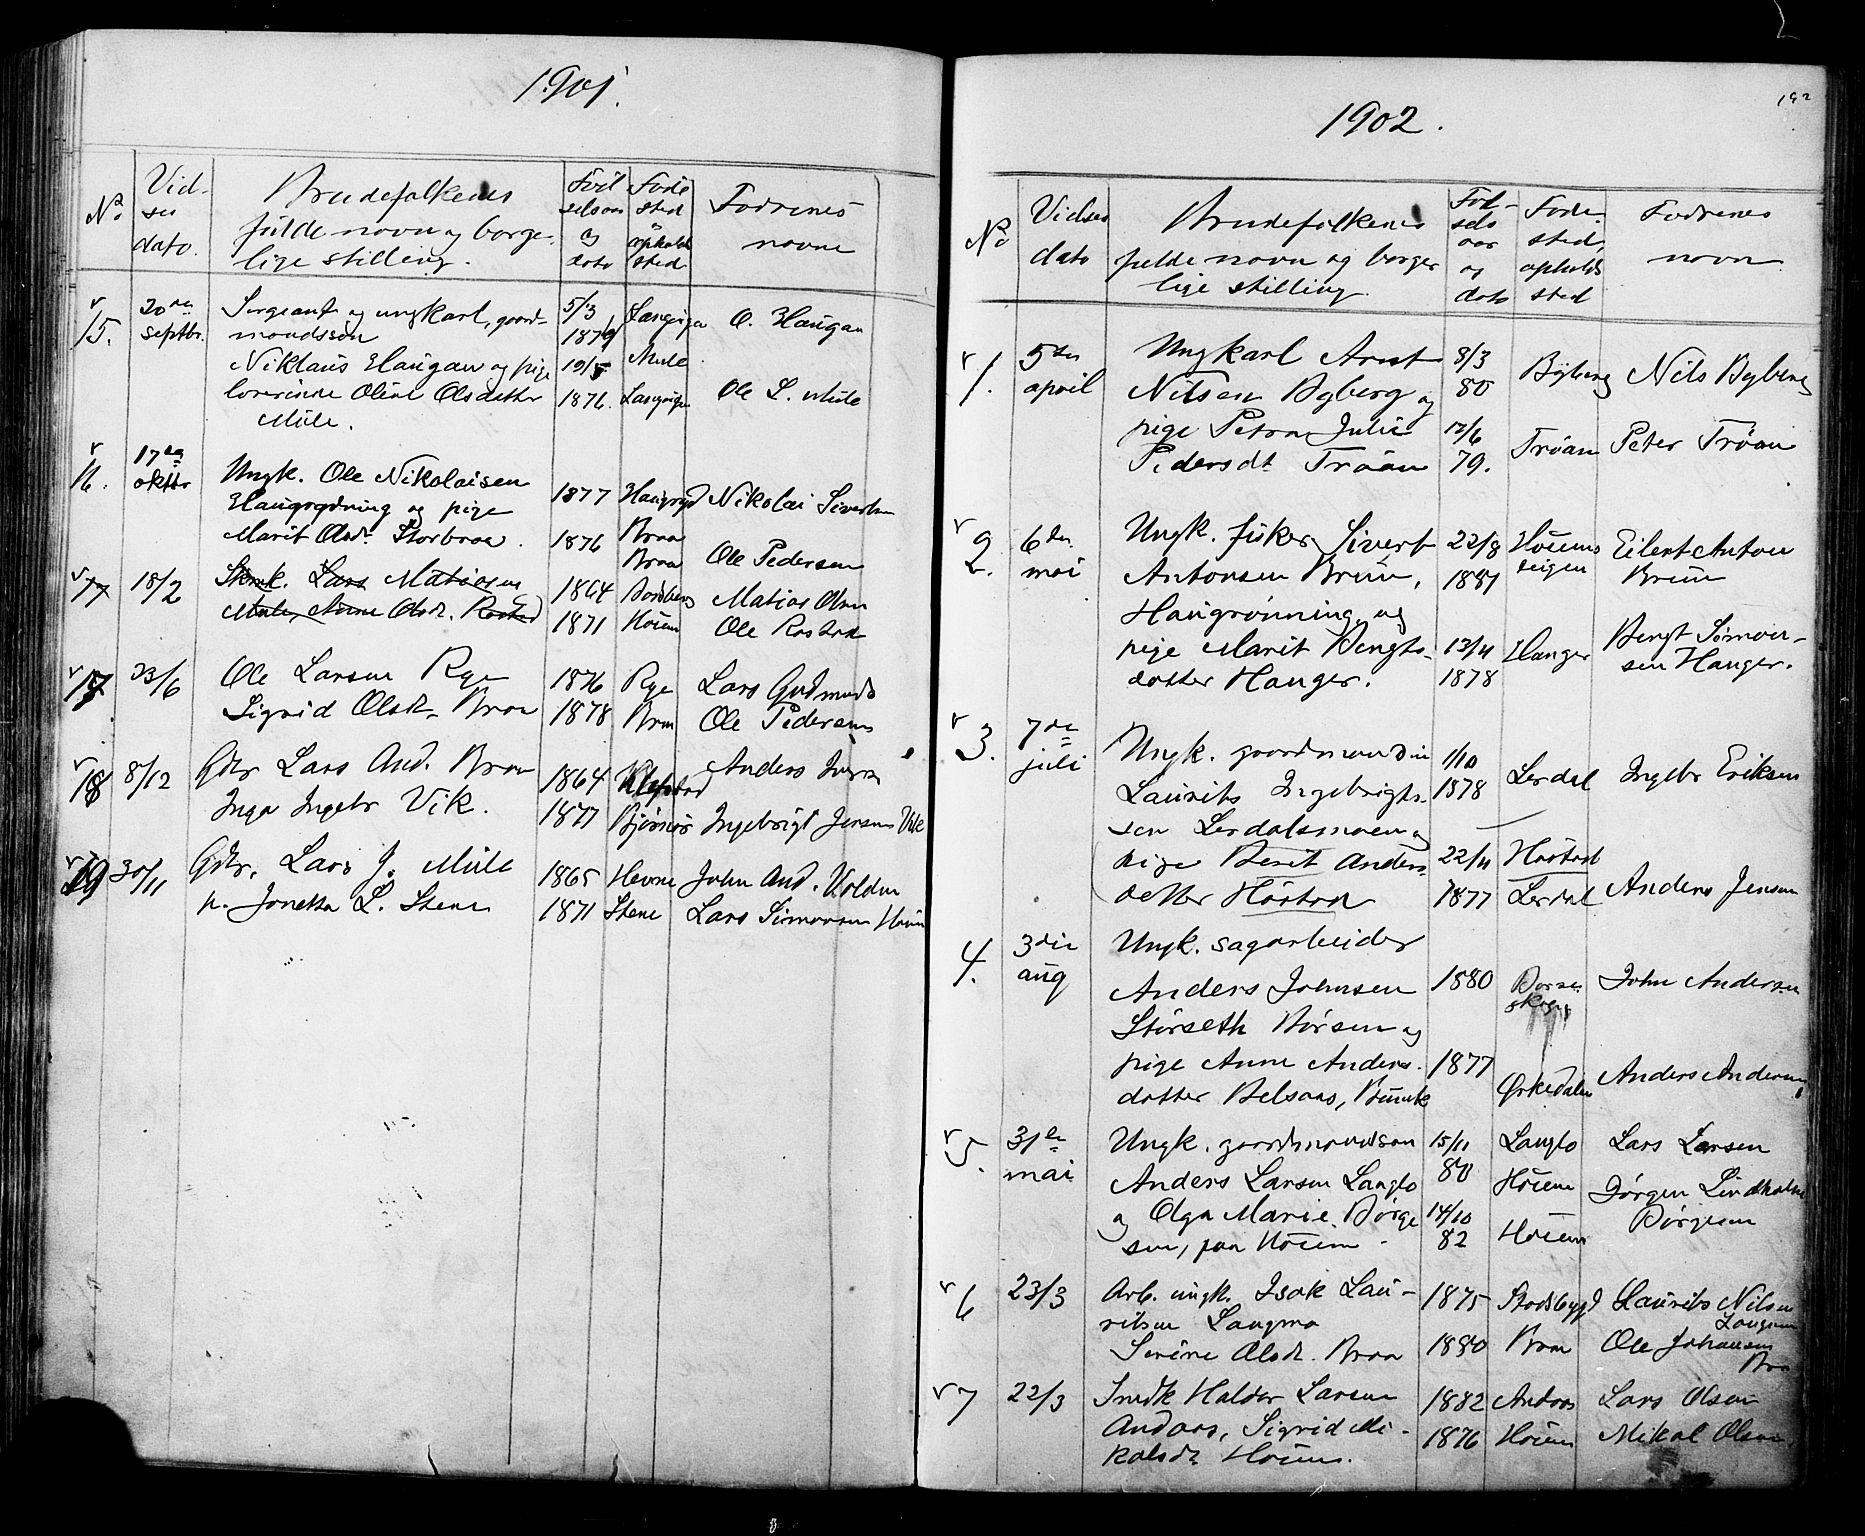 SAT, Ministerialprotokoller, klokkerbøker og fødselsregistre - Sør-Trøndelag, 612/L0387: Klokkerbok nr. 612C03, 1874-1908, s. 192